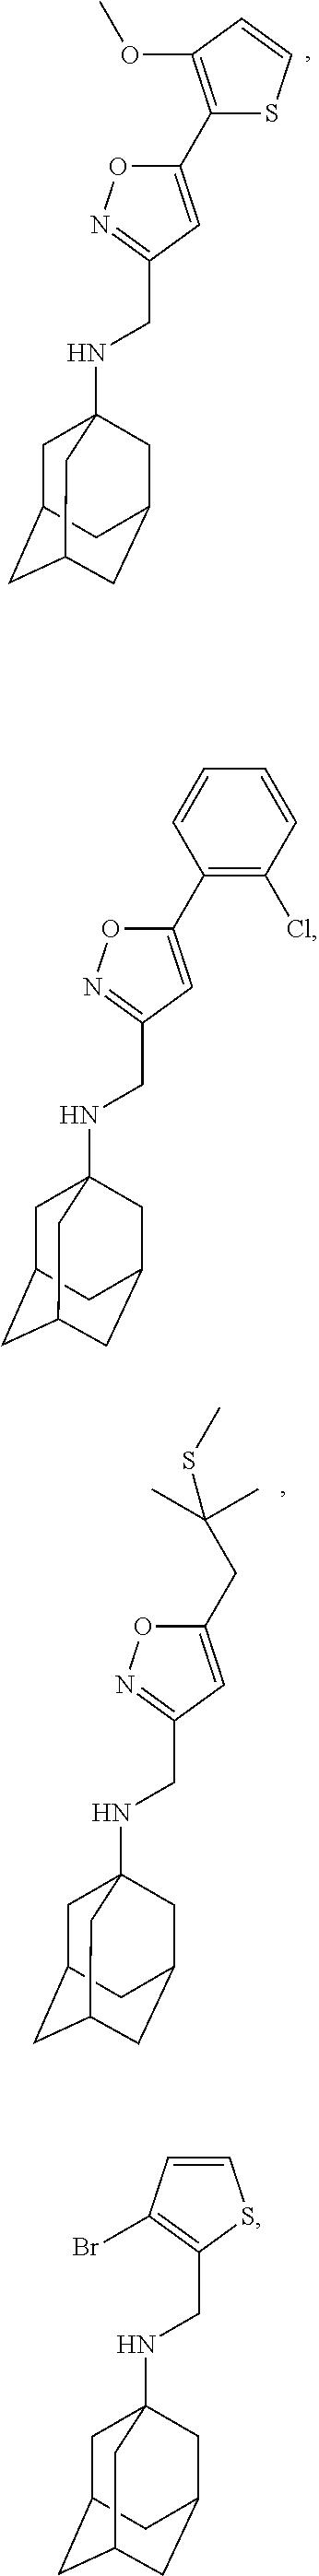 Figure US09884832-20180206-C00193